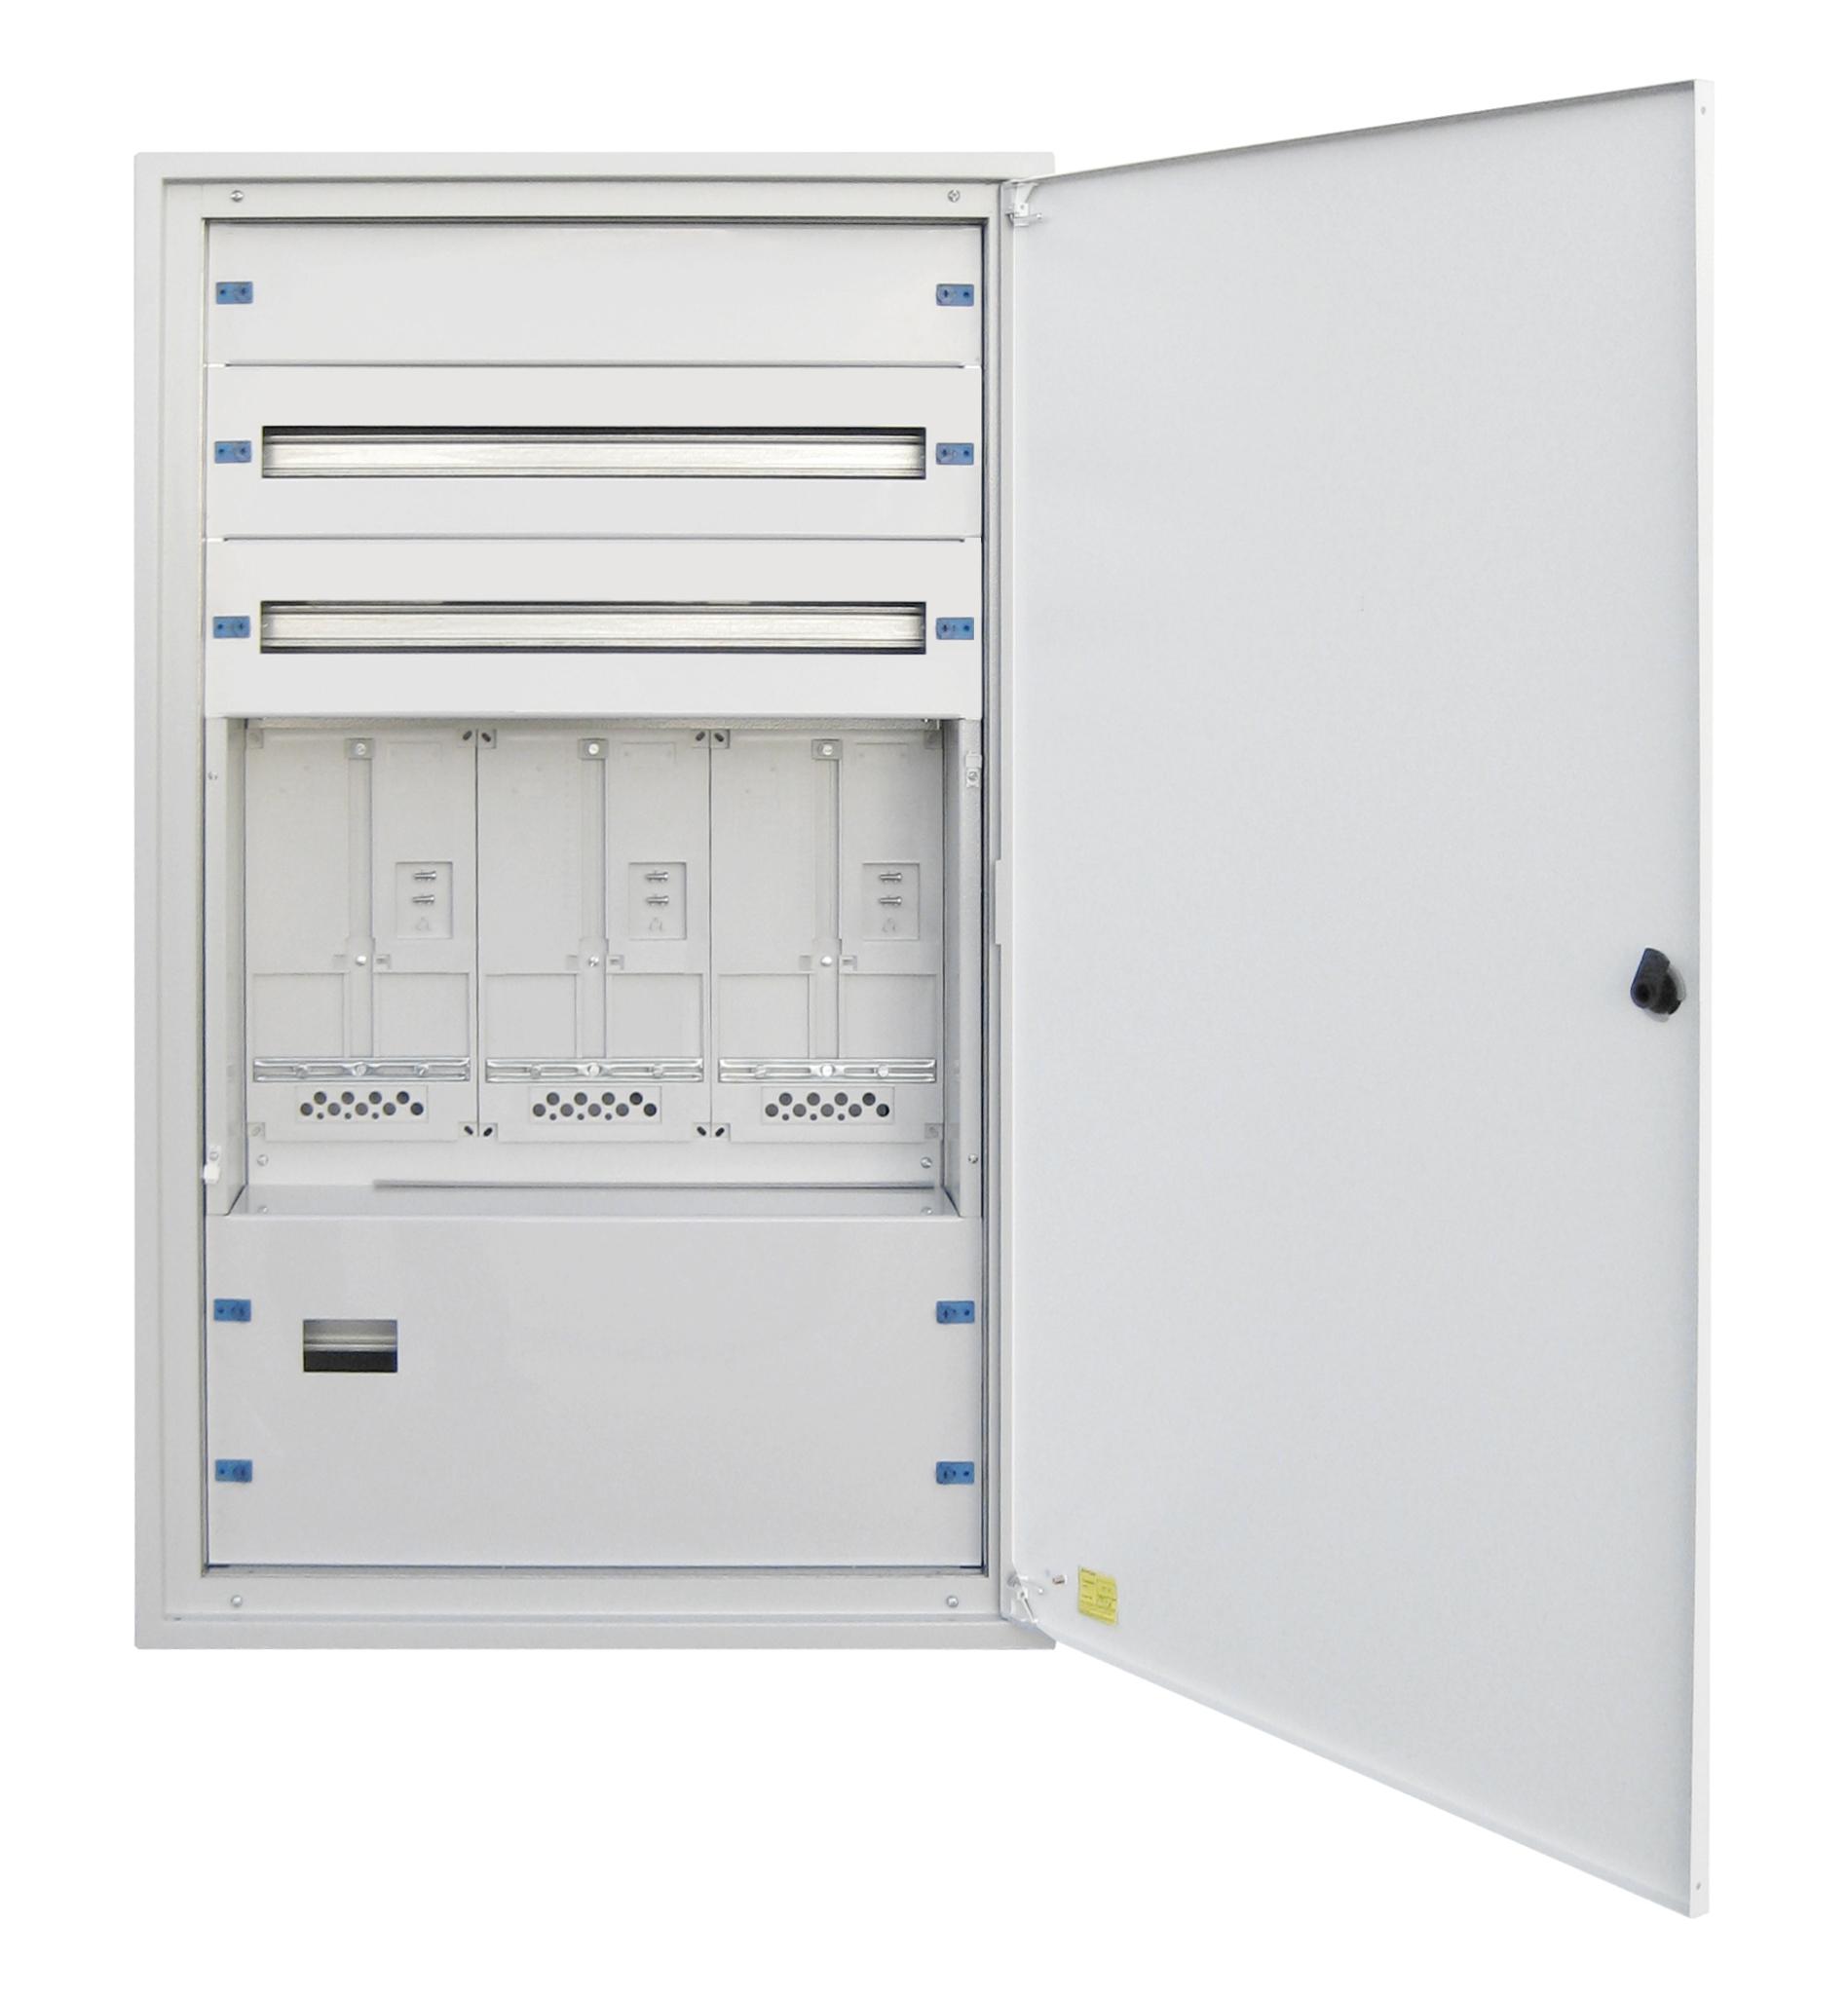 1 Stk Eco-UP-Verteiler für Kärnten RAL9016 IL664324--